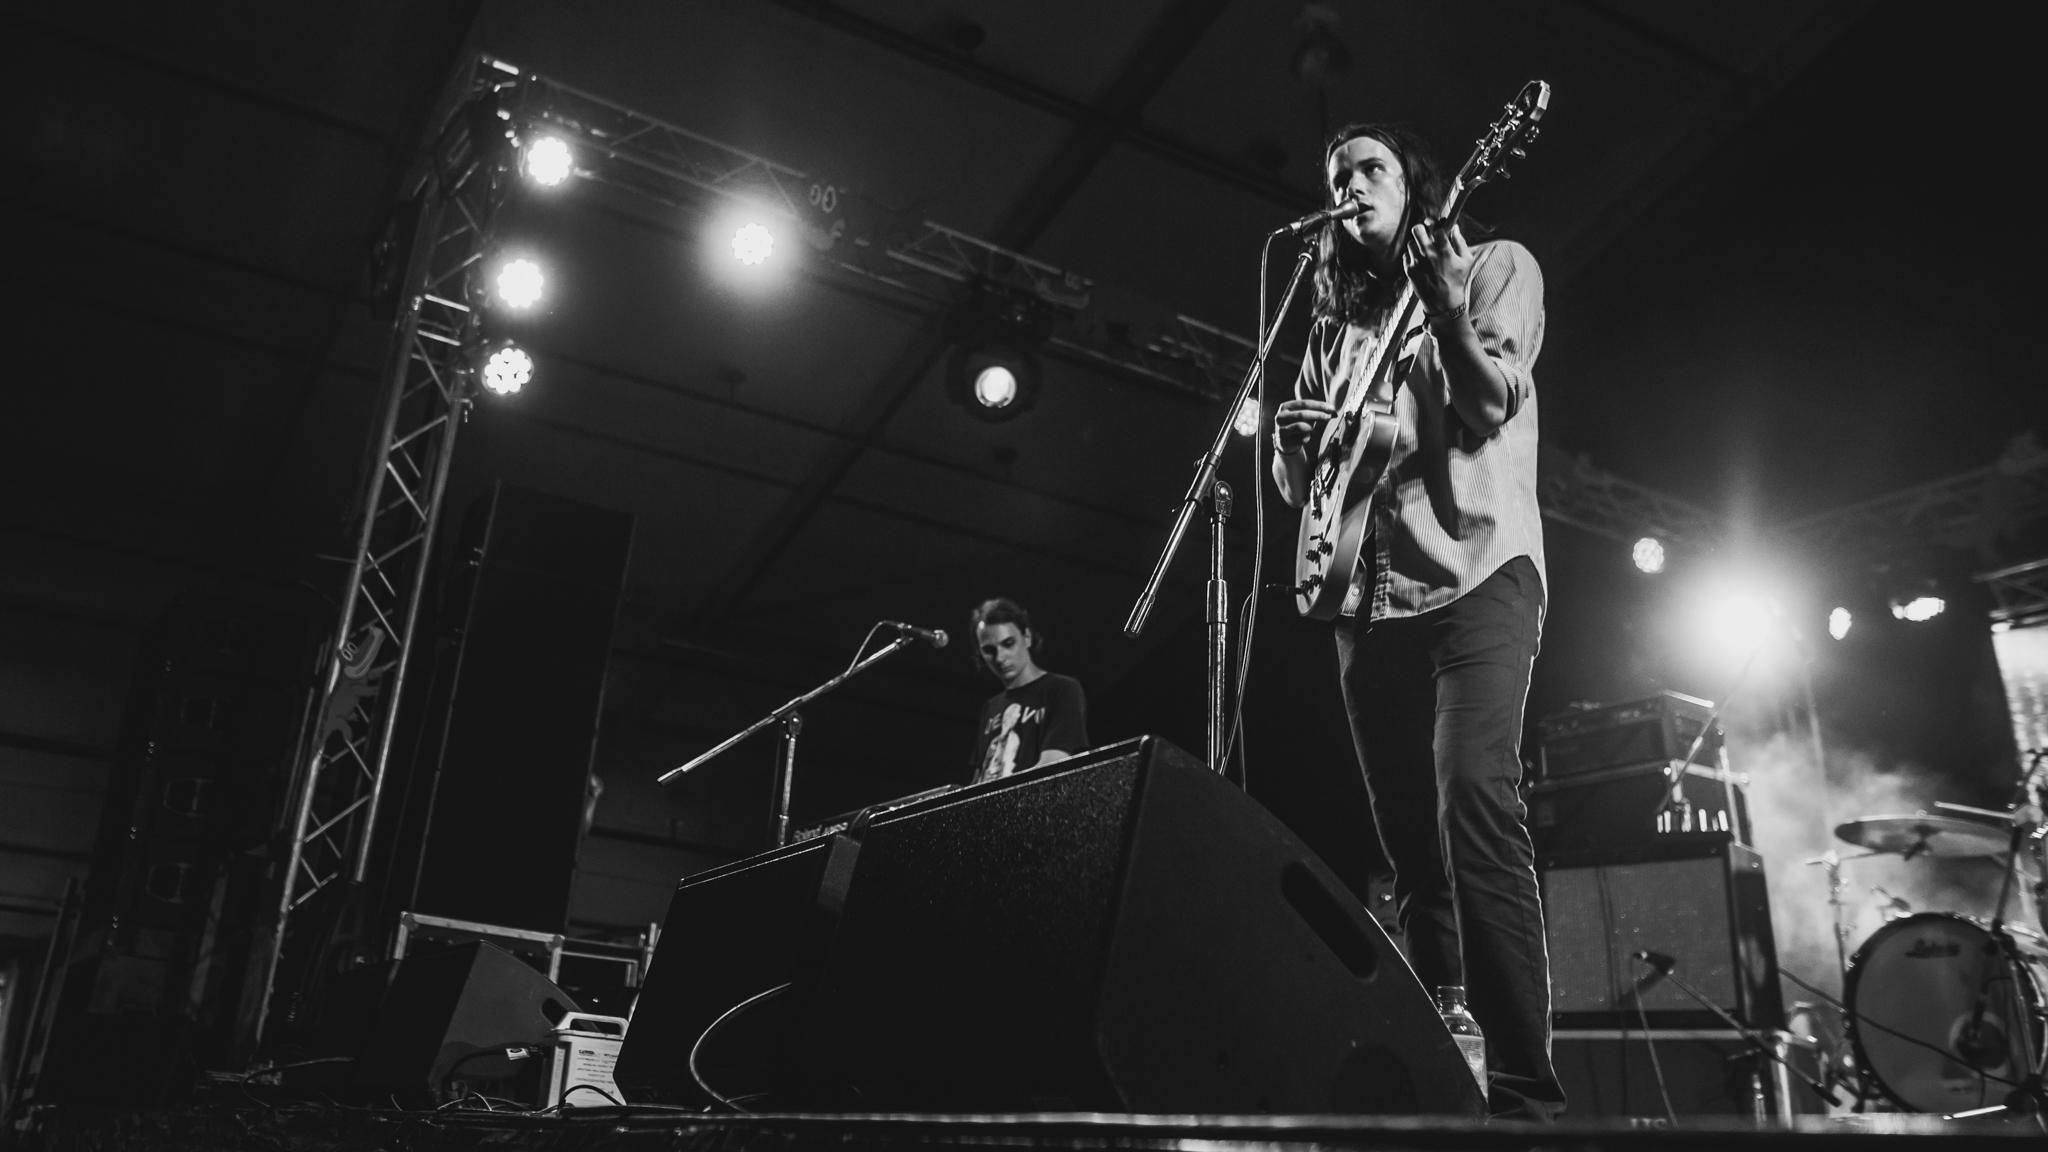 Mitch Lowe Photo - Gizzfest 2016 - The Murlocs-5552.jpg